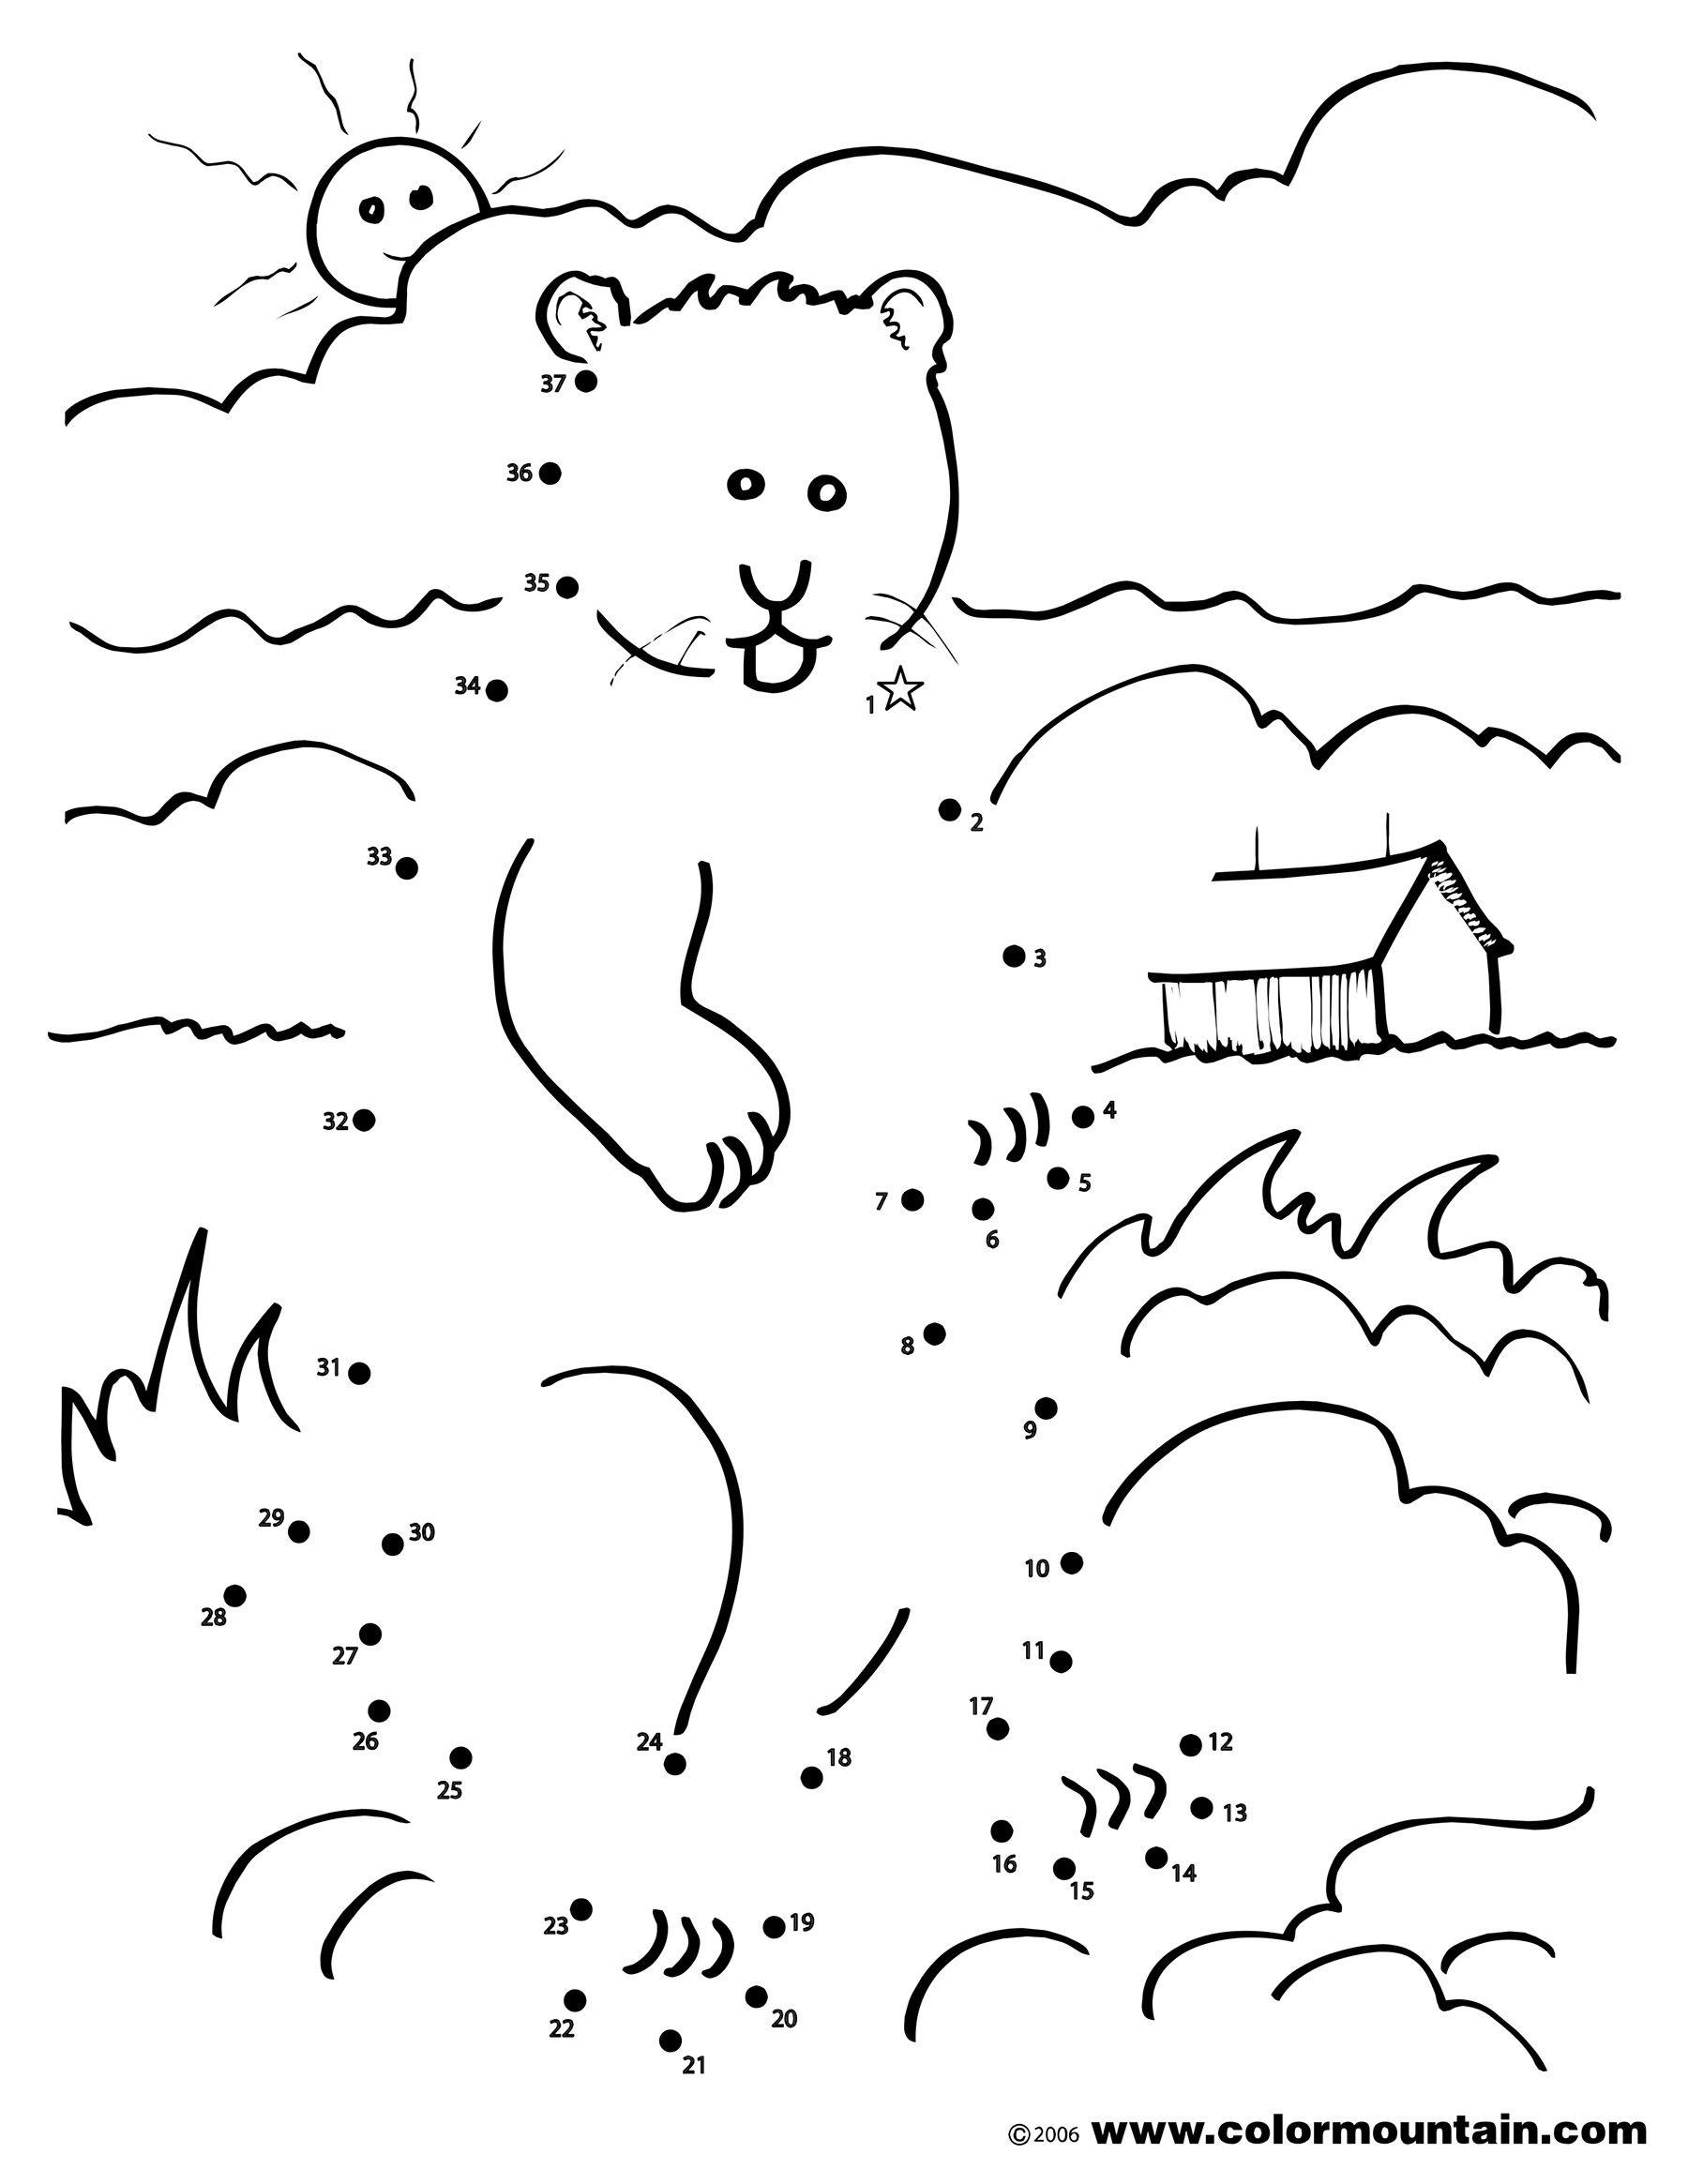 Groundhog Coloring Dot To Dot Coloring Page | Happy Groundhog Day - Groundhog Day Coloring Pages Free Printable